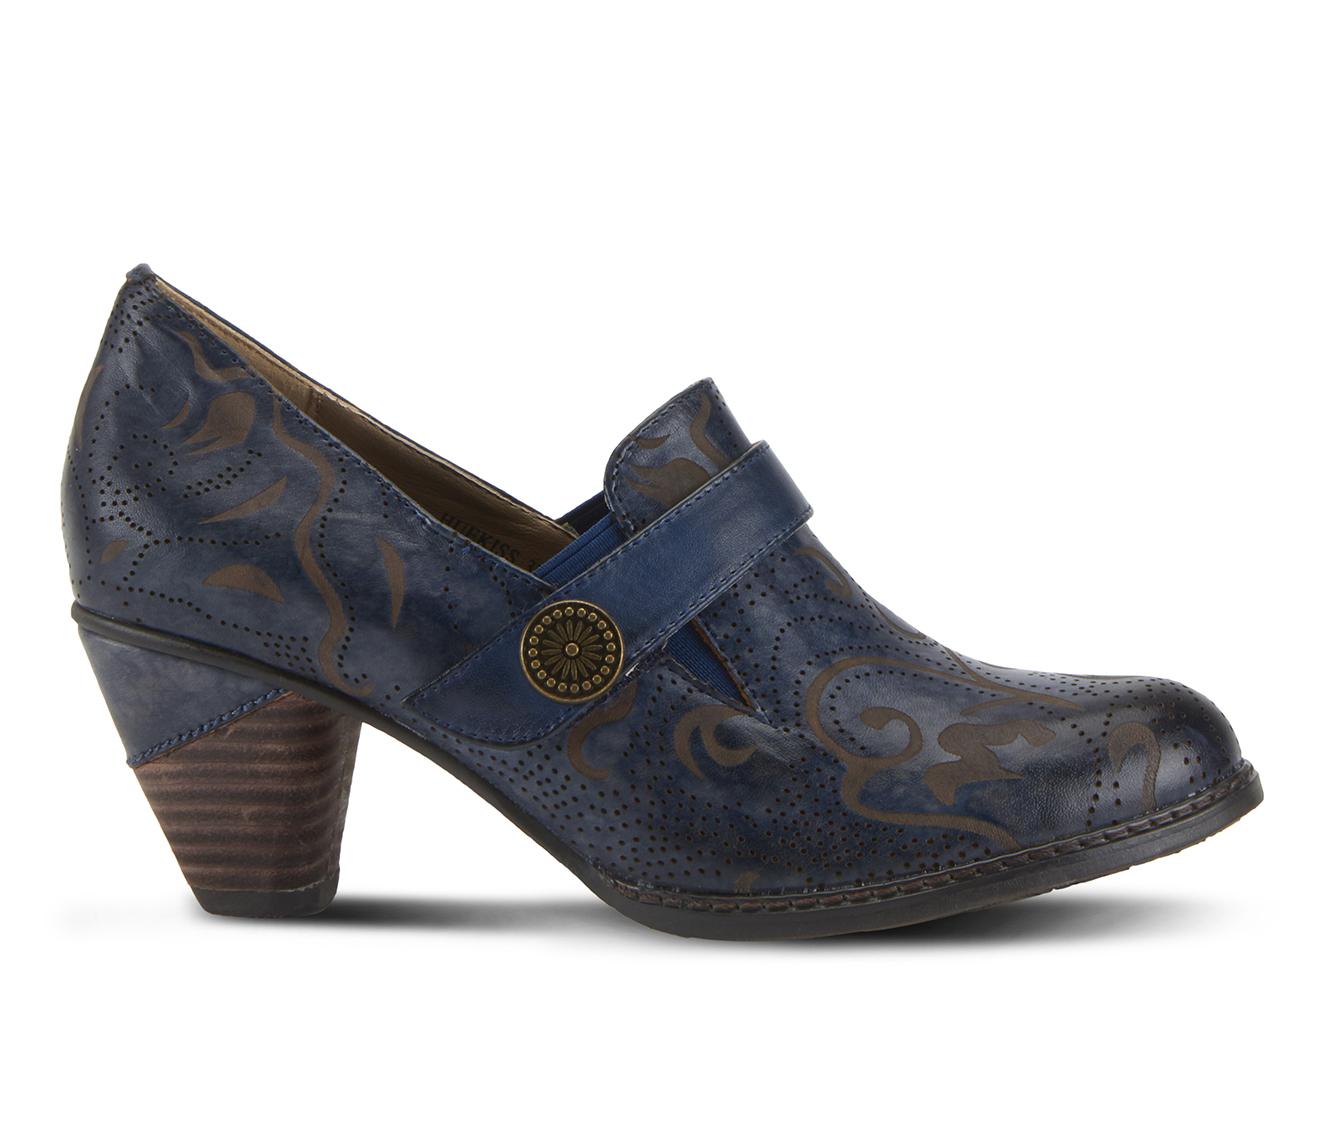 L'Artiste Huekiss Women's Dress Shoe (Blue Leather)